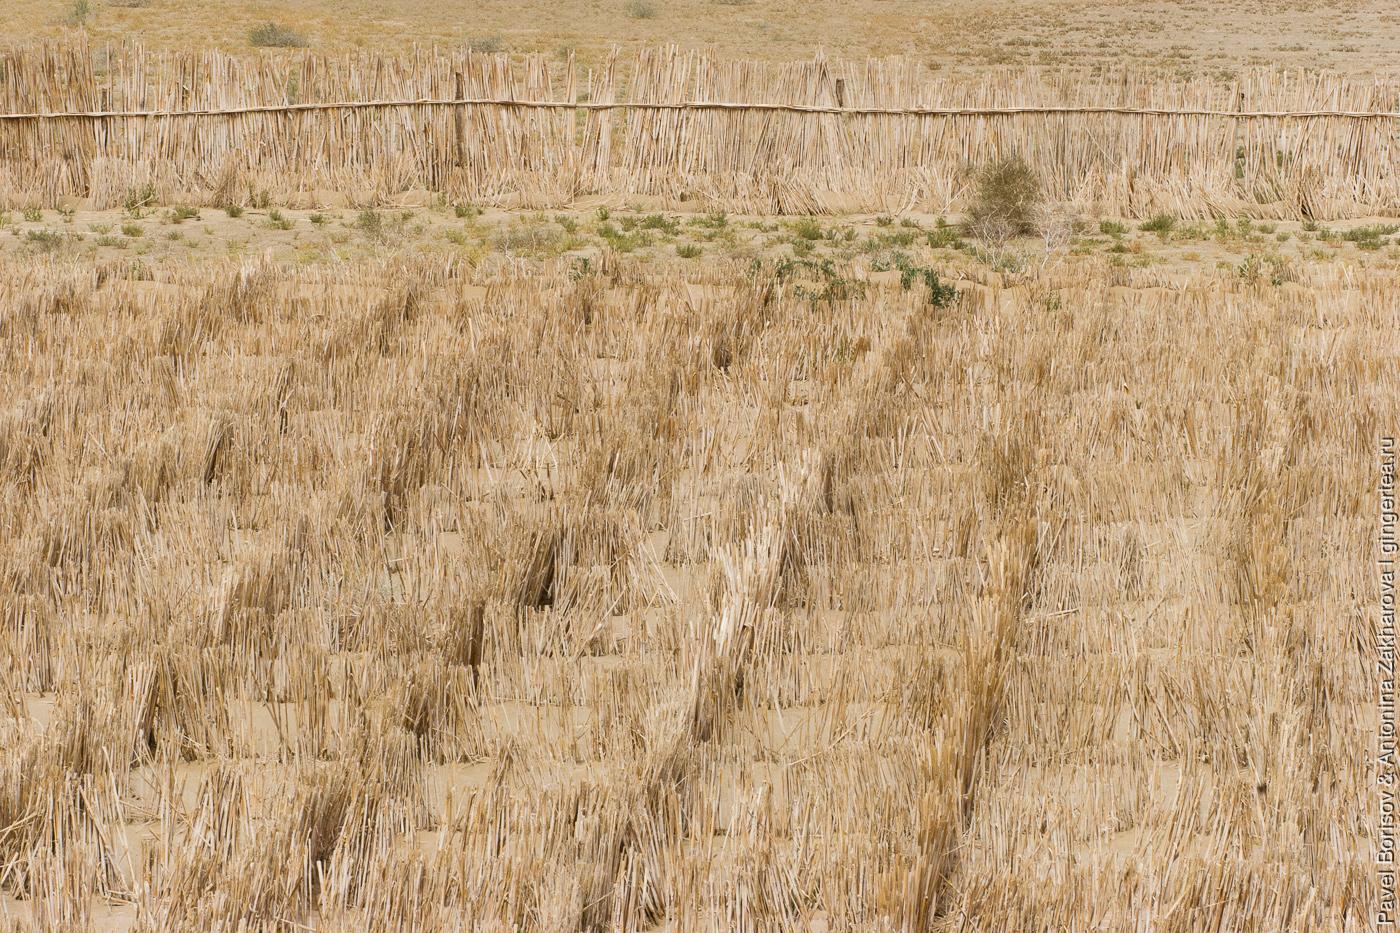 укрепление песка в пустыне, Китай